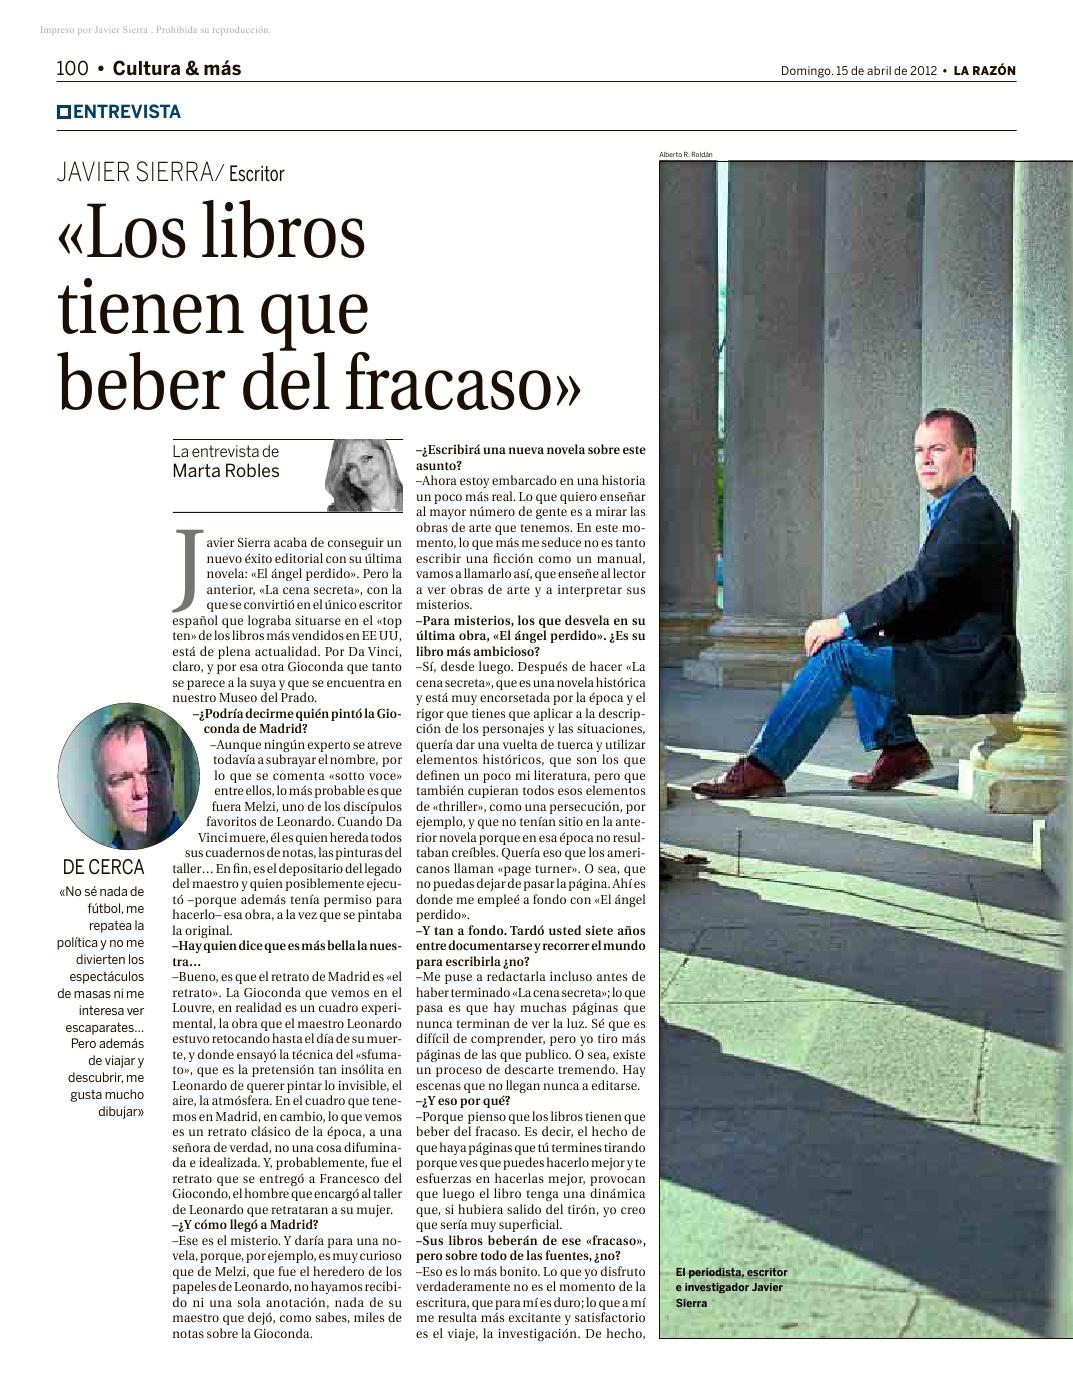 20120415 LA RAZÓN Javier Sierra